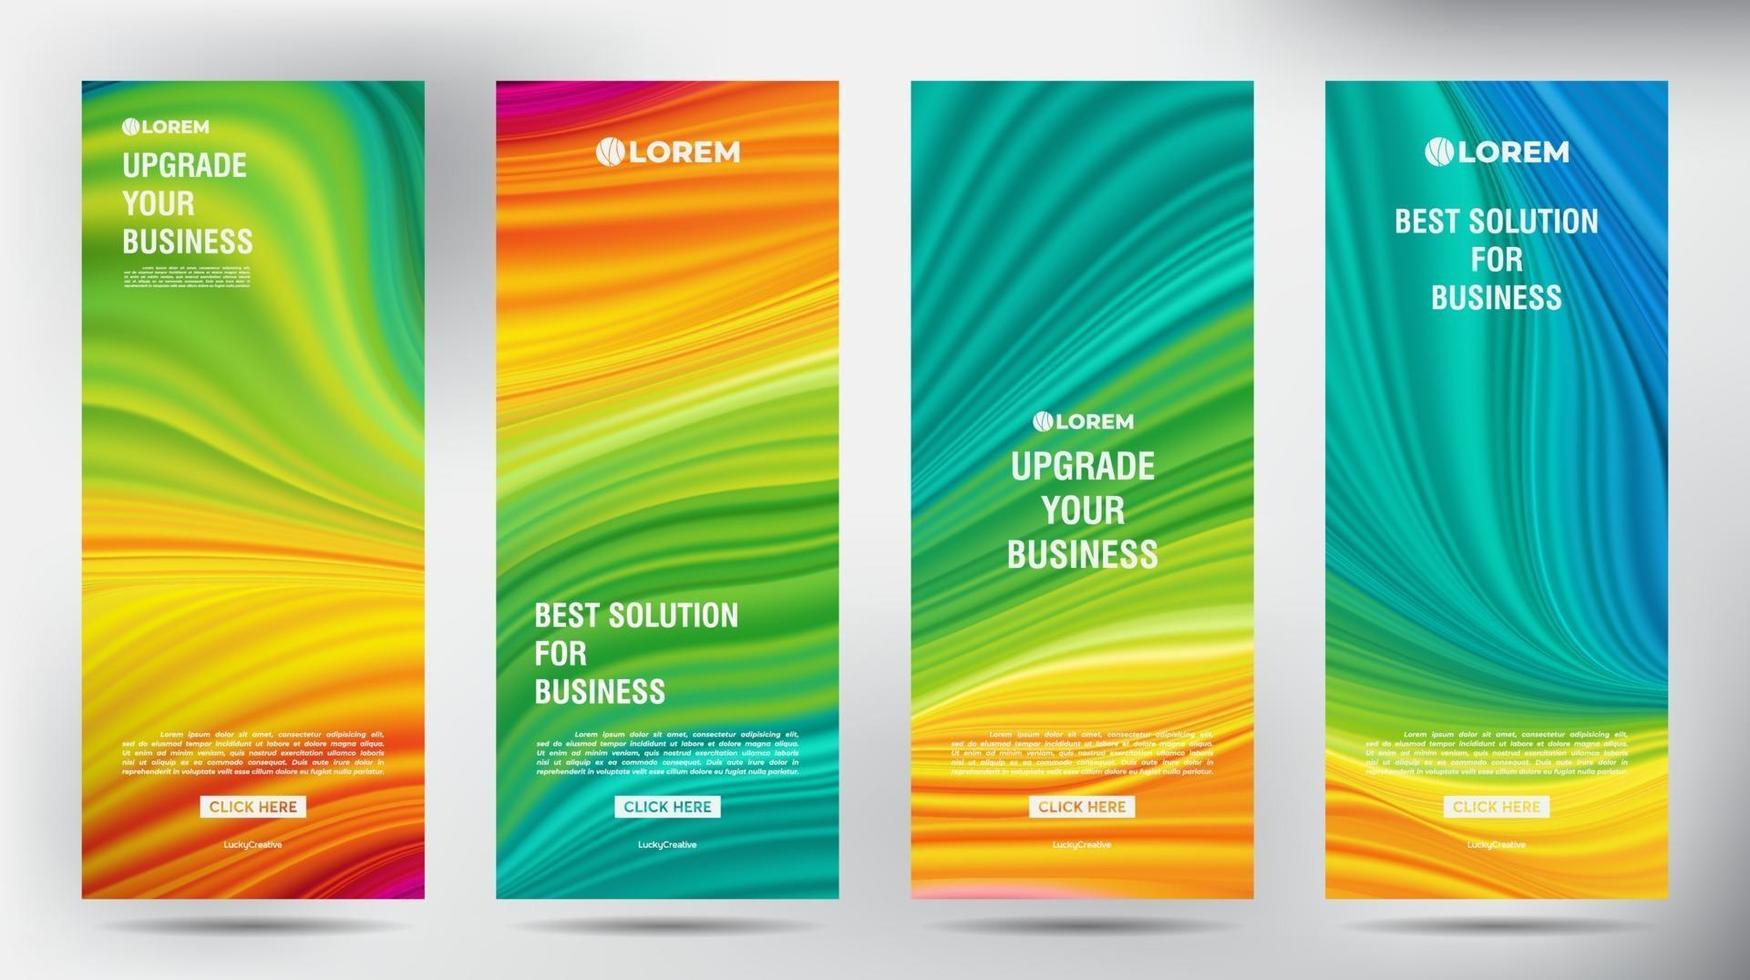 Netz Farbfluss Roll-up Geschäftsbroschüre Flyer Banner Design vertikale Vorlage, Cover Präsentation Hintergrund, moderne Publikation X-Banner und Flag-Banner, Satz von Roll-Up-Banner Stand Vorlage Design vektor